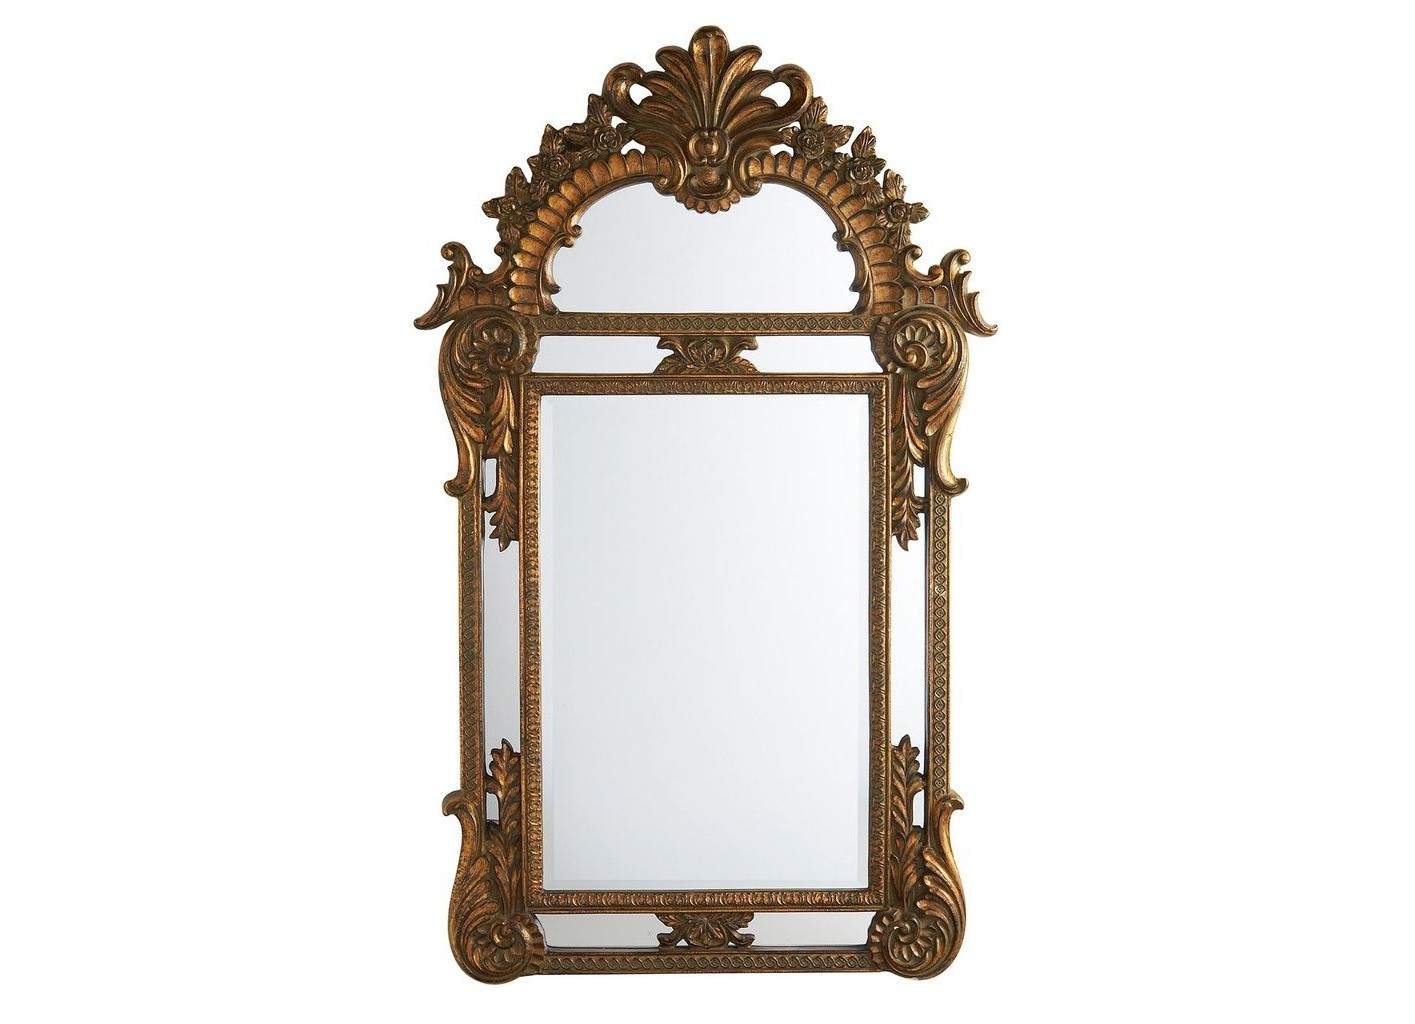 Зеркало КэмденНастенные зеркала<br>Крепления входят в стоимость.<br><br>Material: Пластик<br>Ширина см: 104.0<br>Высота см: 170.0<br>Глубина см: 5.0